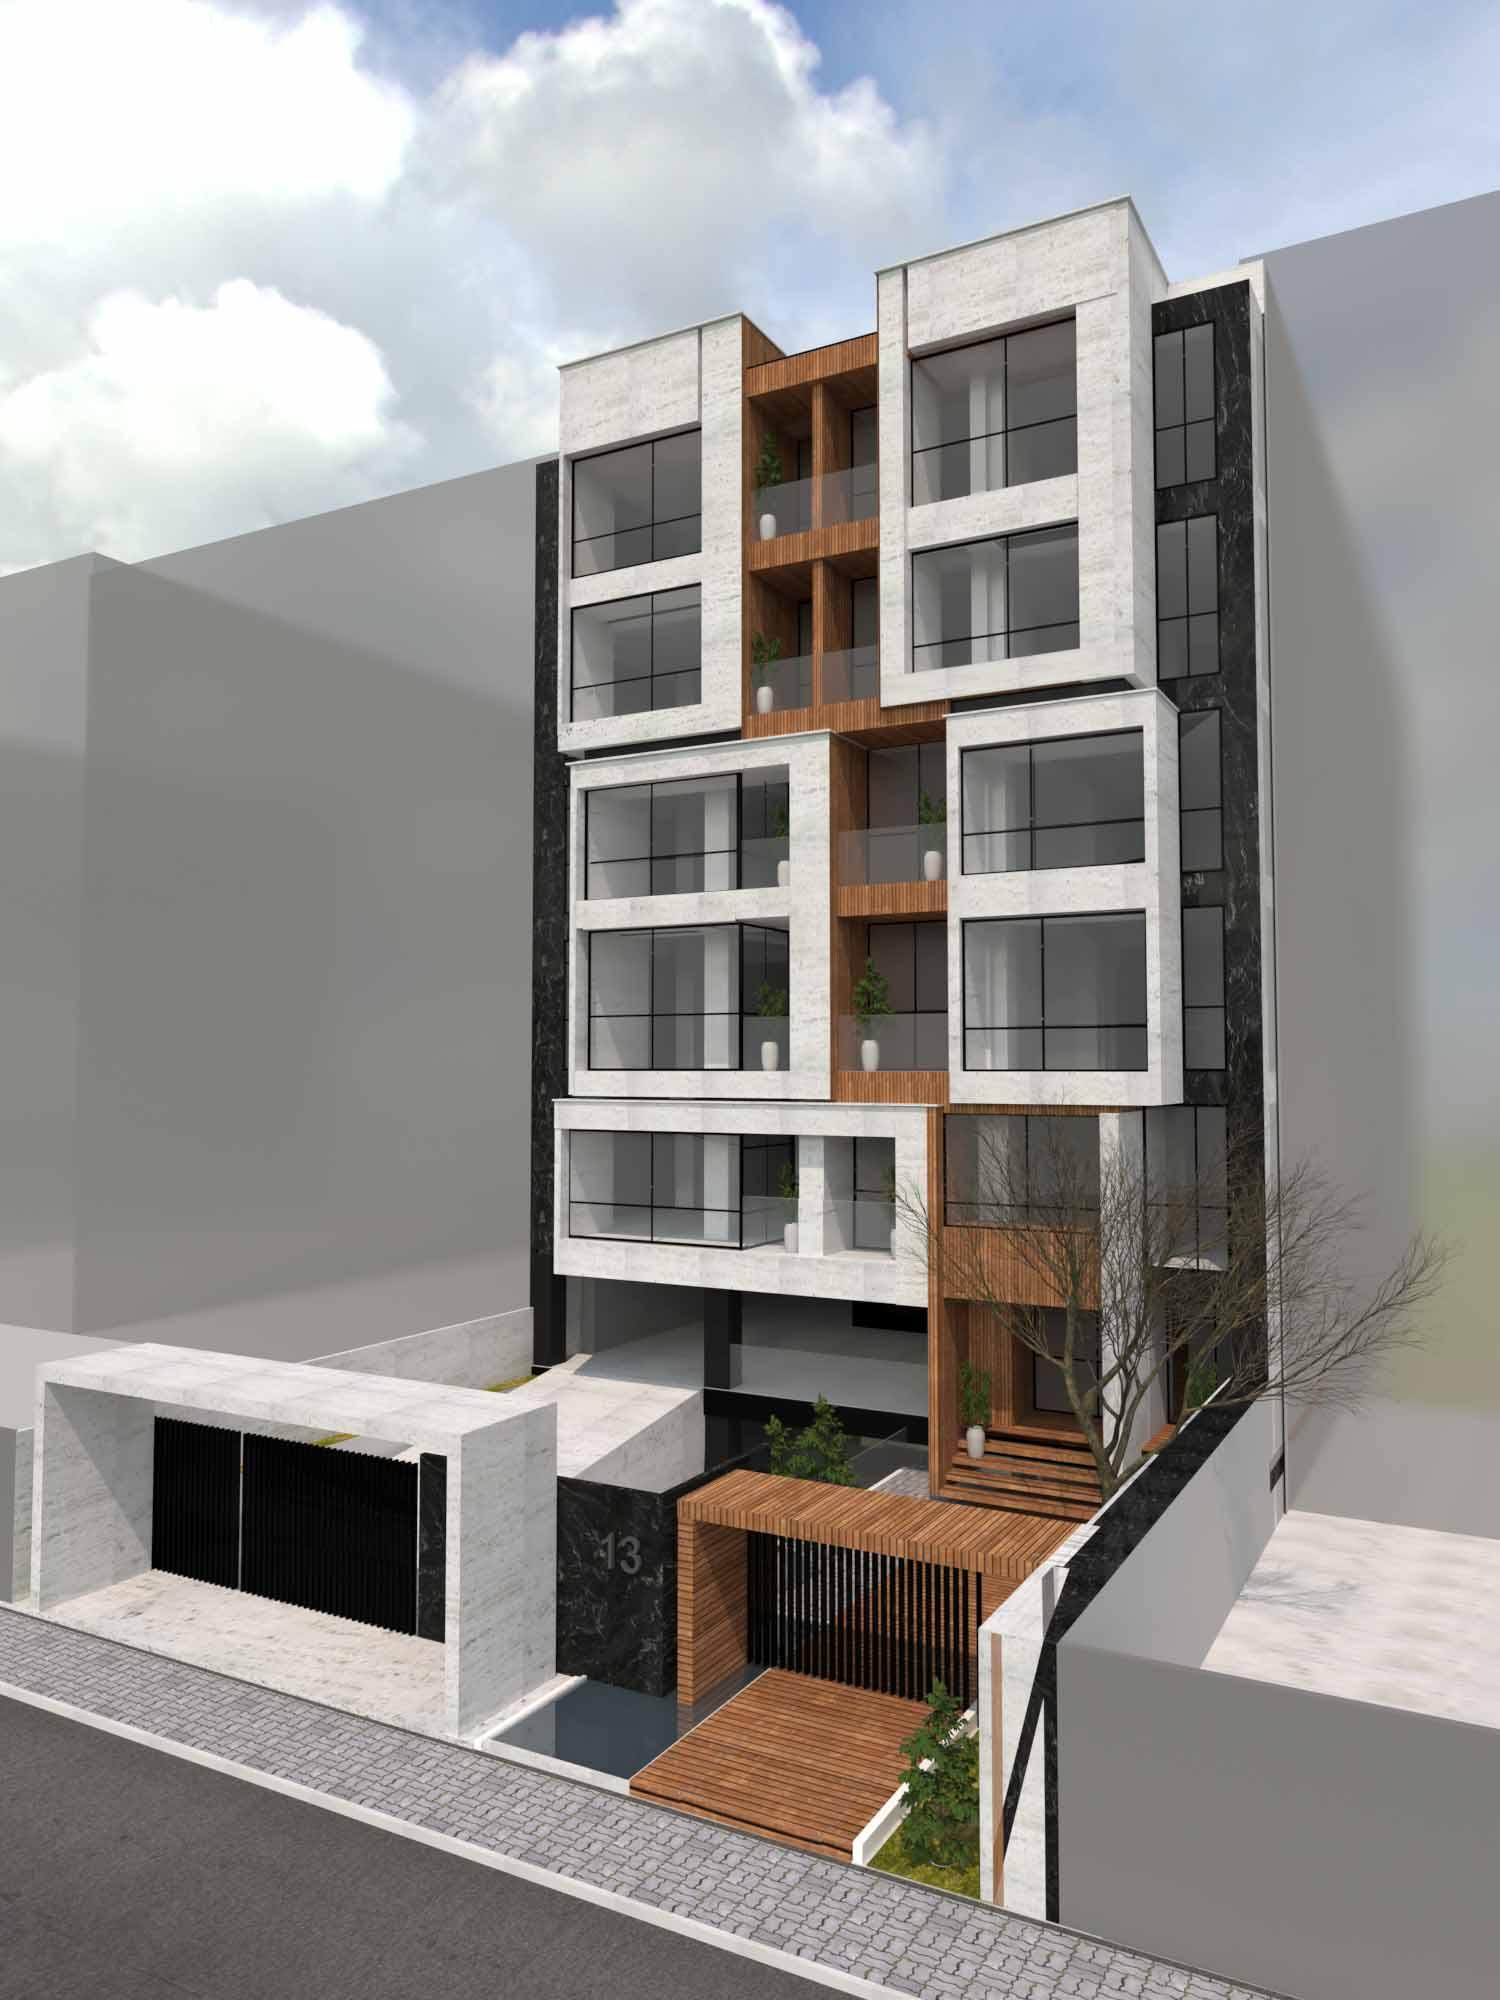 Interior Design - facade - Residential